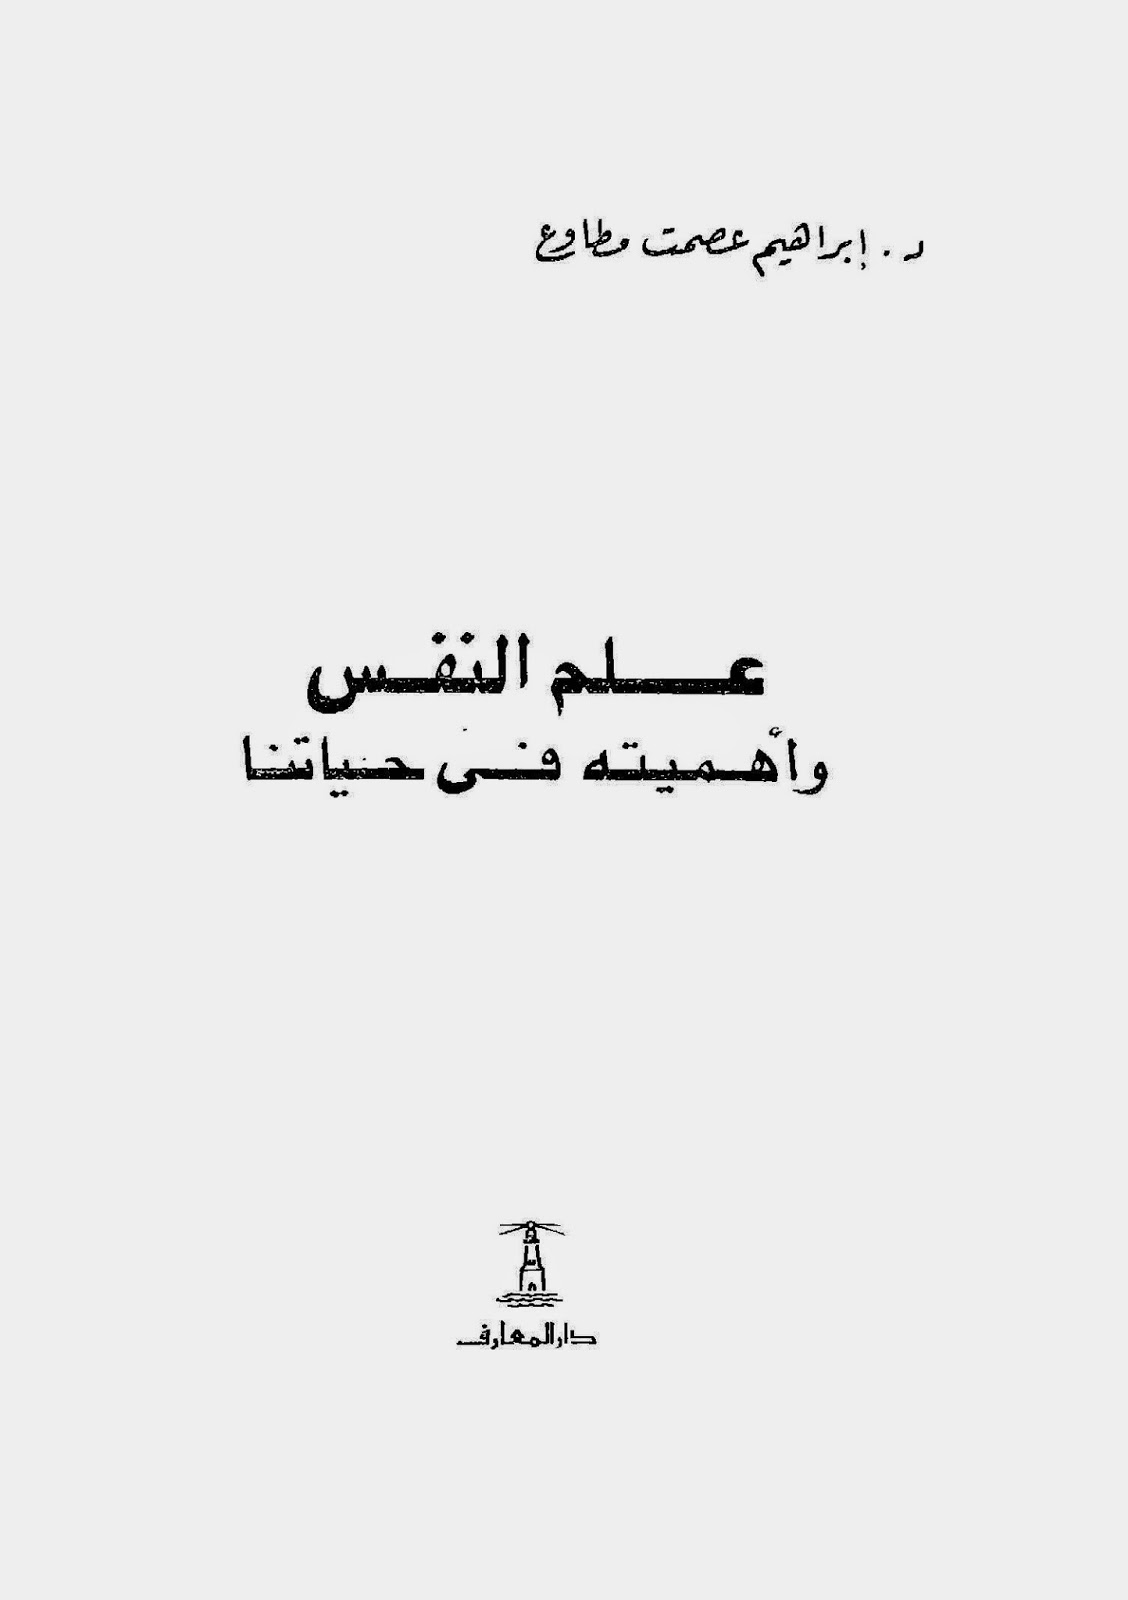 كتاب علم النفس وأهميته في حياتنا لـ إبراهيم عصمت مطاوع